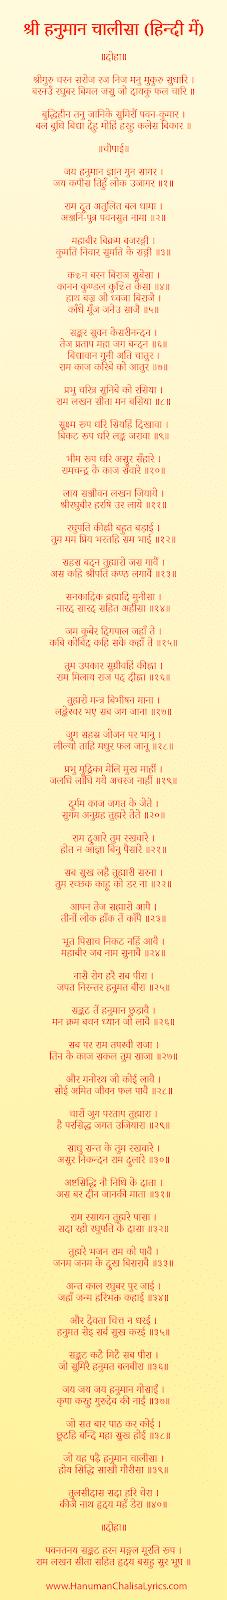 Lyrics Center Hanuman Chalisa Lyrics In Hindi Pdf Download Free